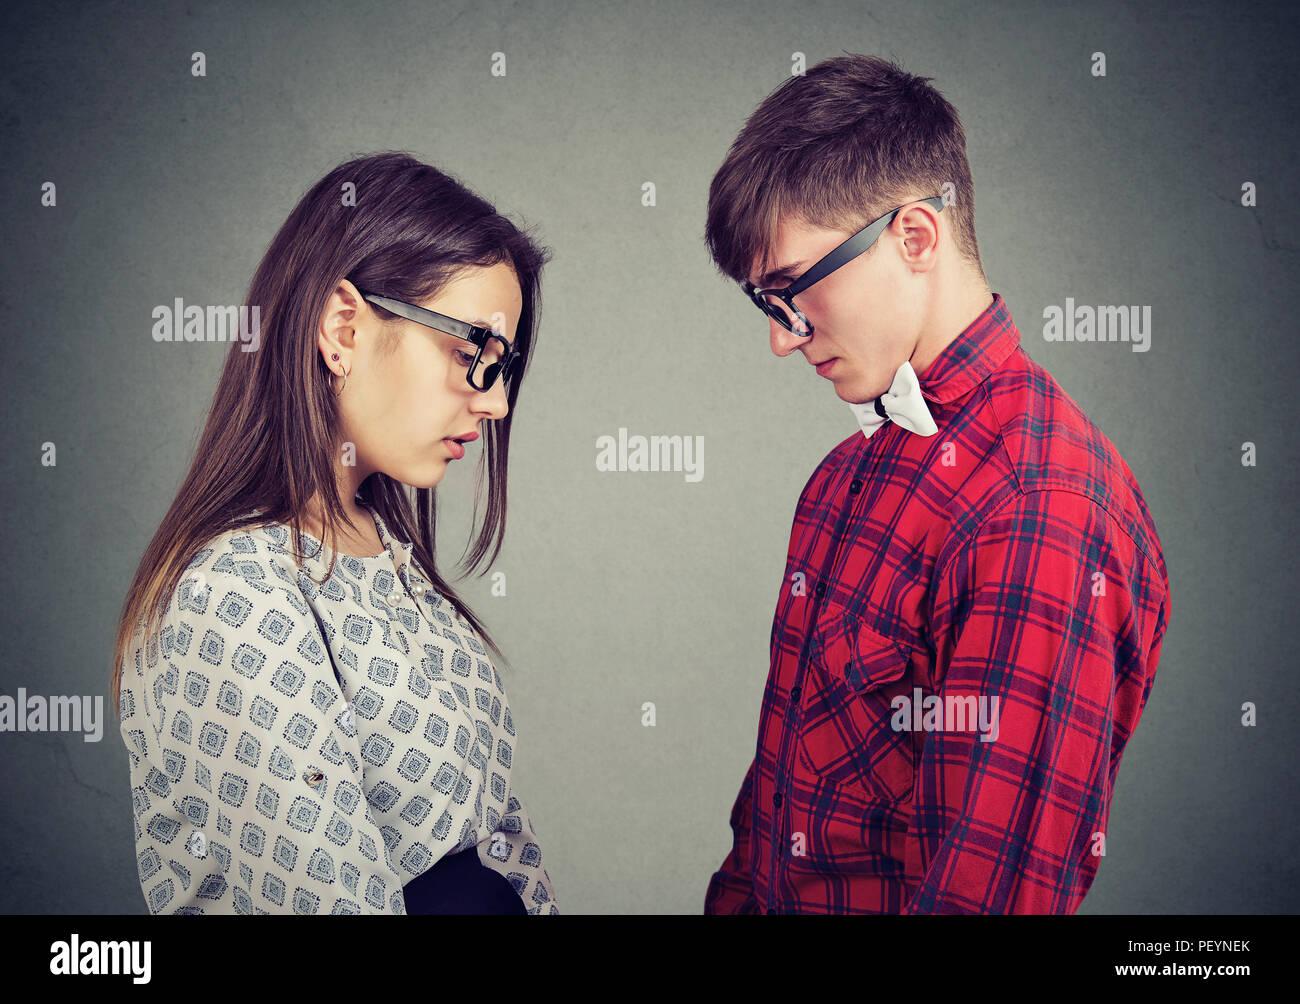 Seitenansicht der junge Mann und die Frau, die das Gegenüber mit einem Gefühl von Reue und Trauer Stockbild